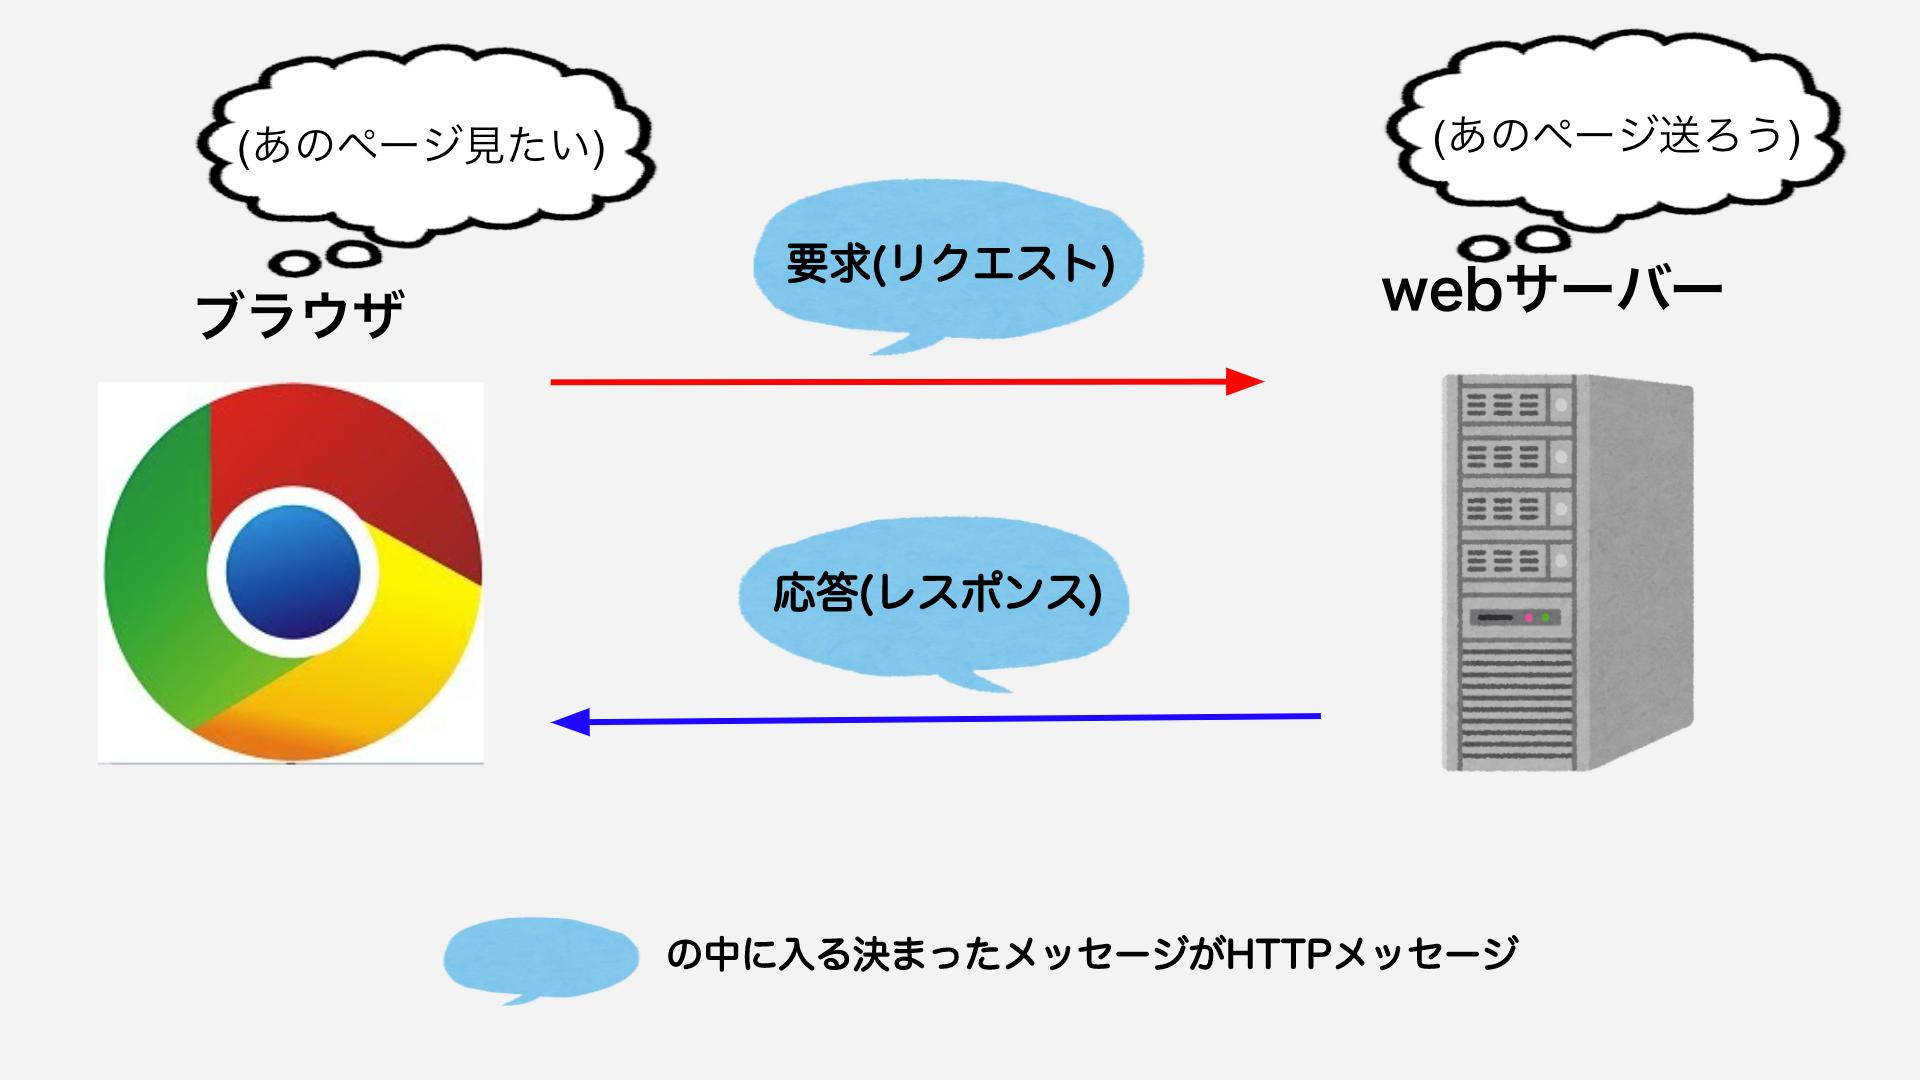 スクリーンショット 2020-11-05 9.09.35(2).png